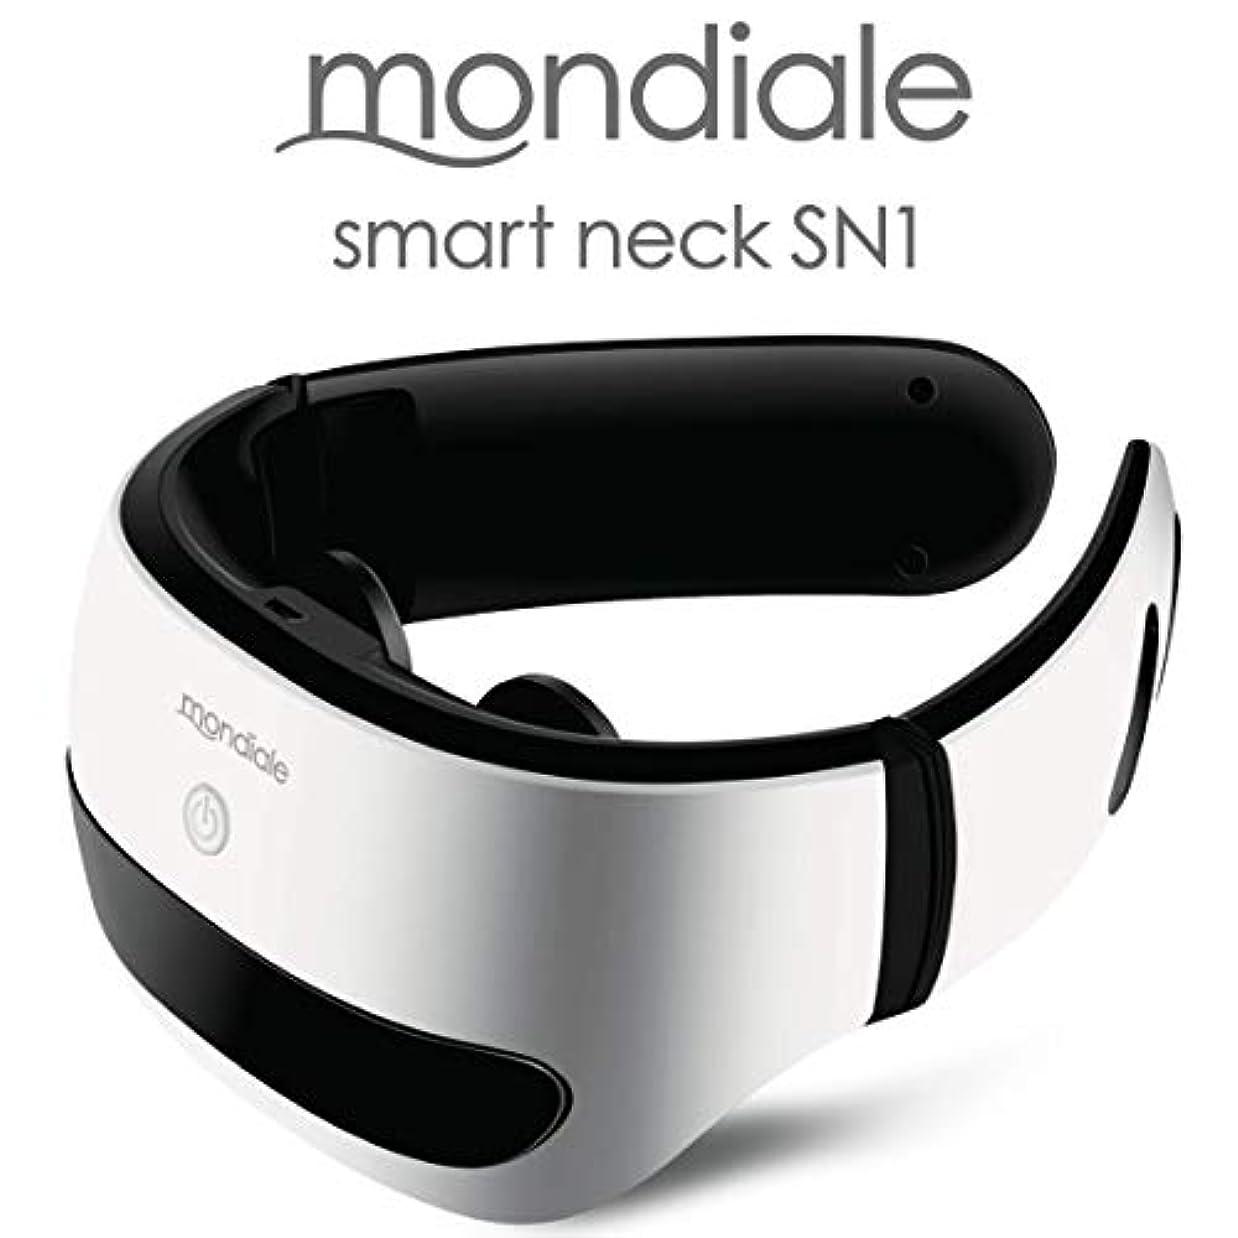 感謝する理解大胆モンデール スマートネック SN1 mondiale smart neck SN1